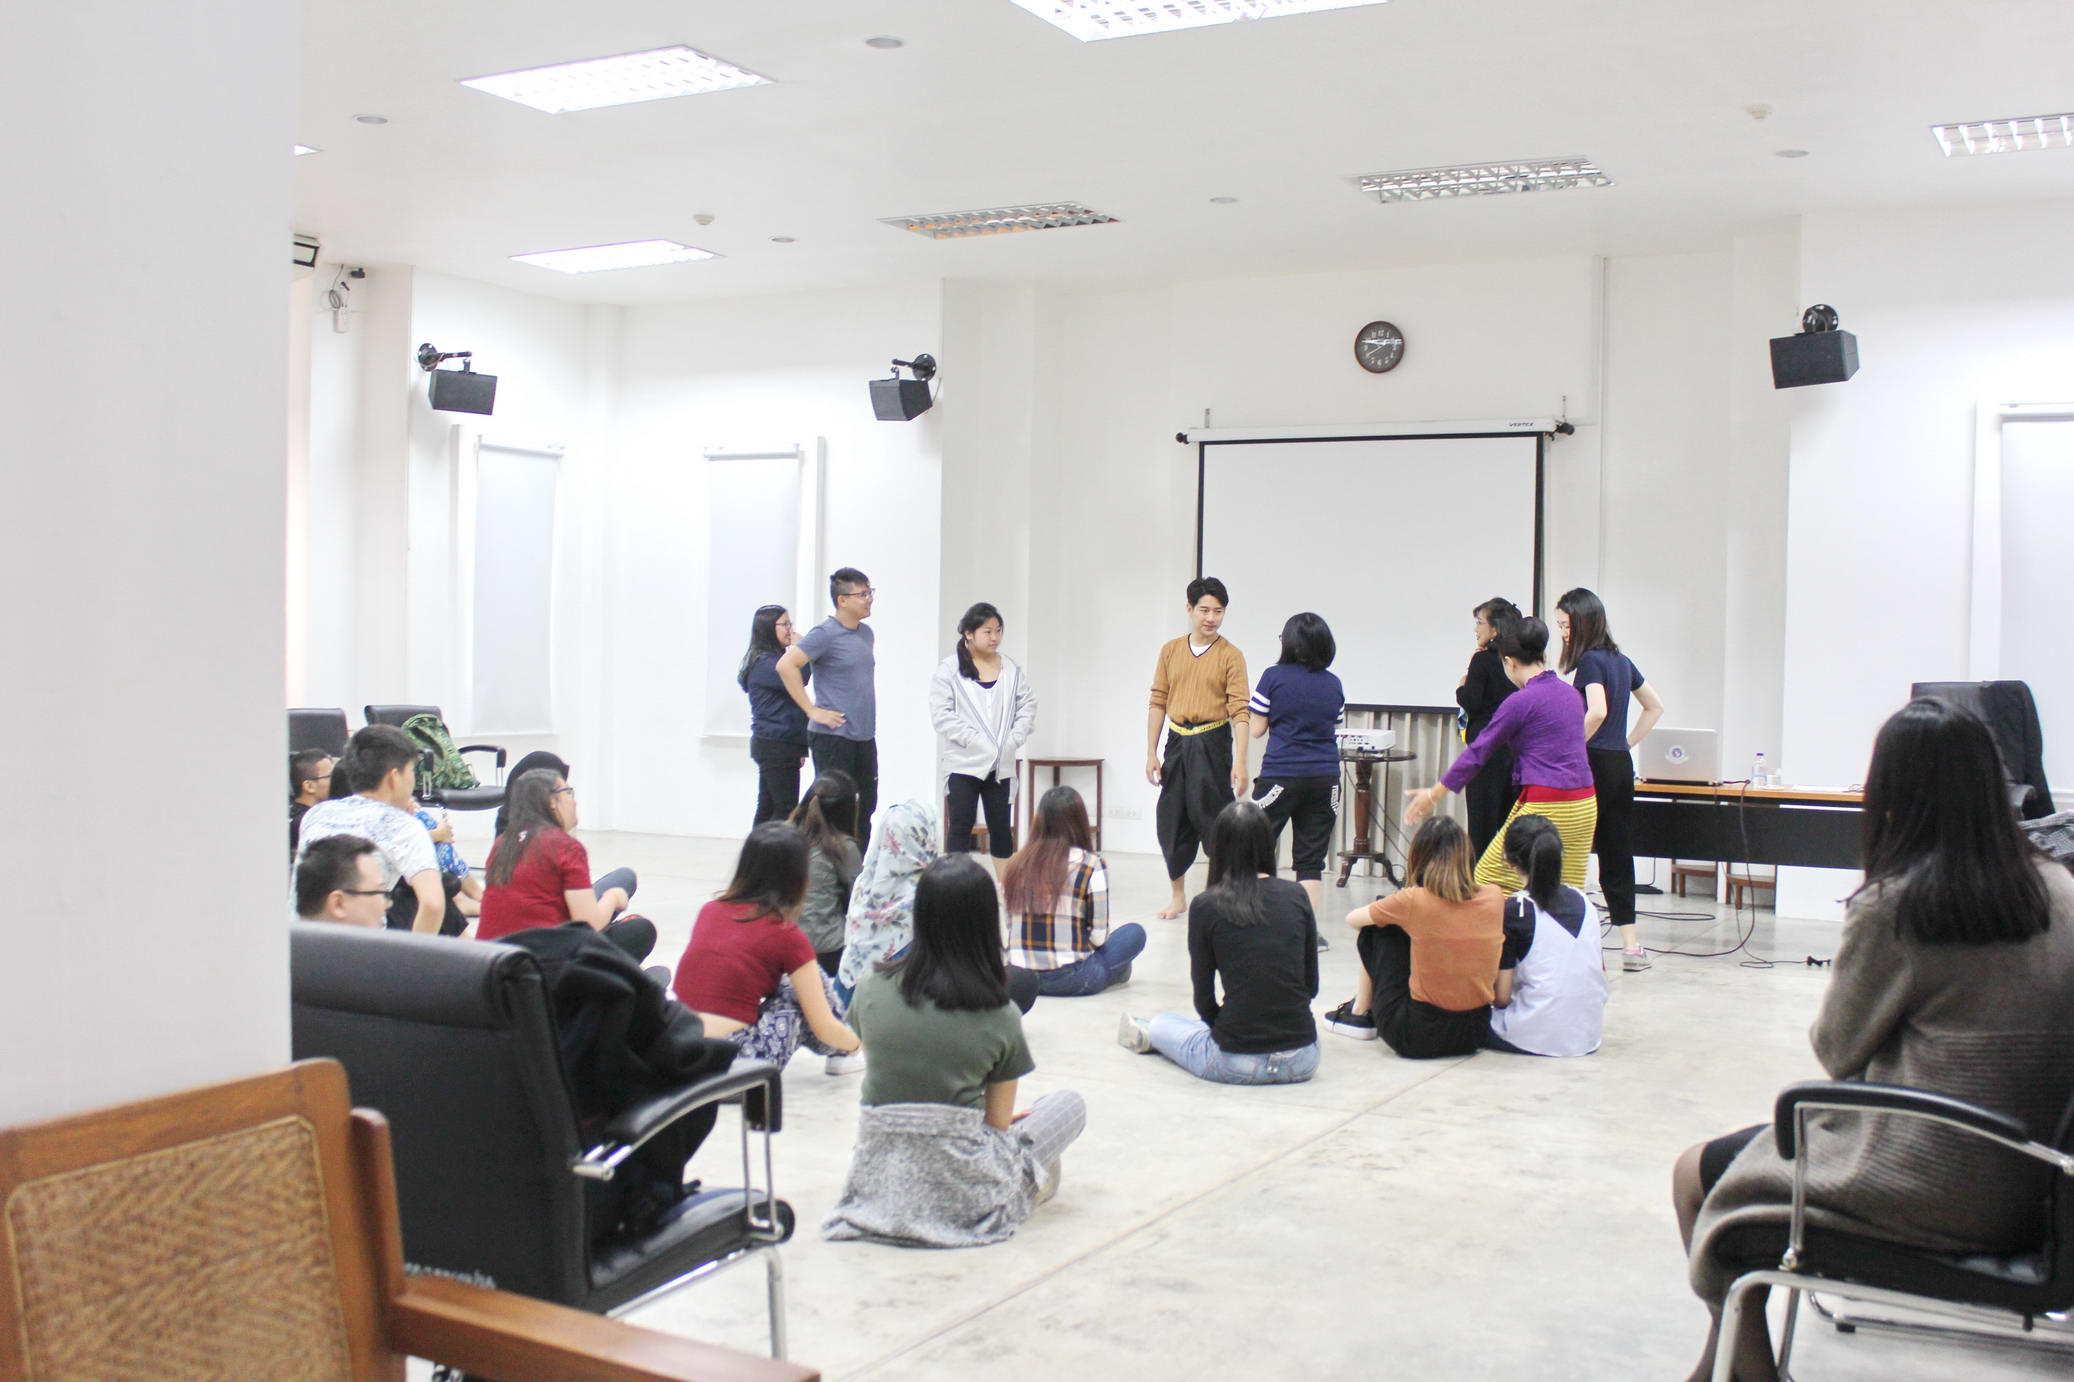 การบรรยายพิเศษให้แก่นักศึกษาจาก Nanyang Technological University ประเทศสิงคโปร์